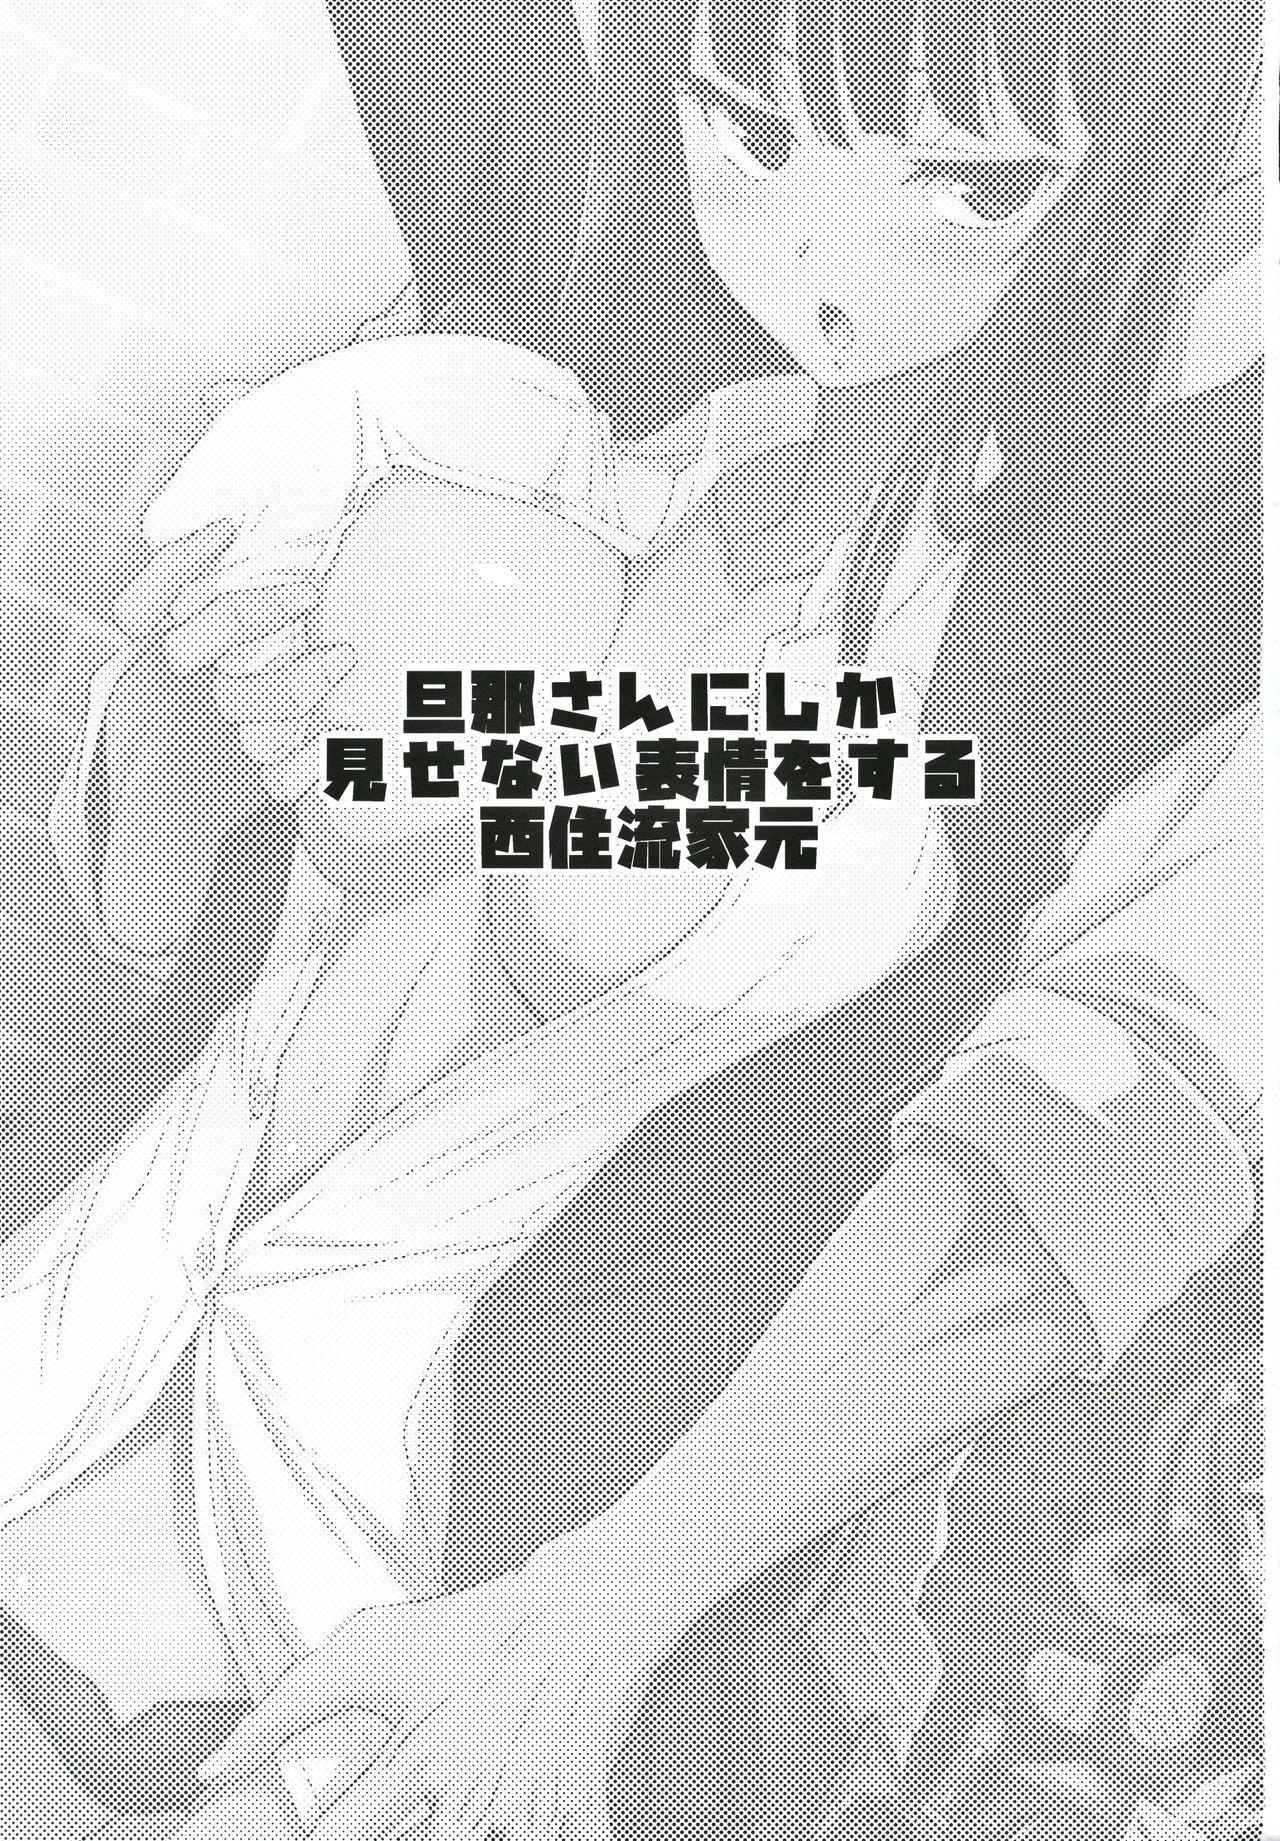 (C97) [Yokoshimaya. (Yokoshima Takemaru)] danna-san ni shika Misenai Hyoujou o Suru Nishizumi-ryuu Iemoto (Girls und Panzer) [Chinese] [爱弹幕汉化组] 2